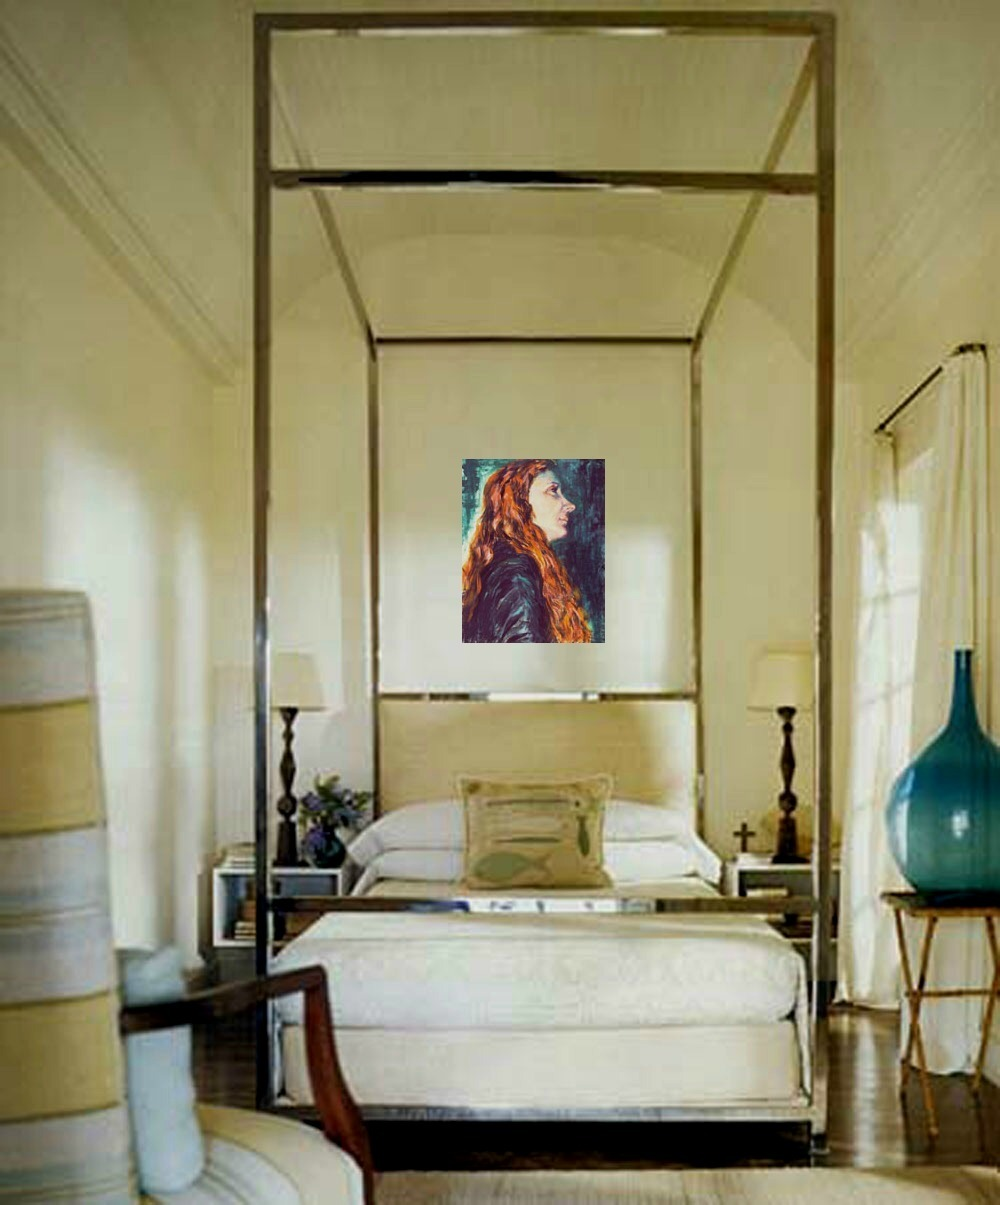 Tiziana 2001 (An Original Portrait Painting)